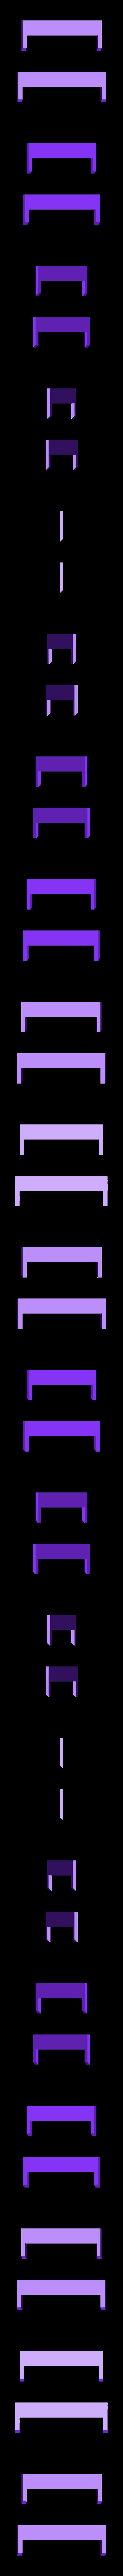 trough_1.stl Télécharger fichier STL gratuit Saxon Barn 2 • Objet imprimable en 3D, Earsling